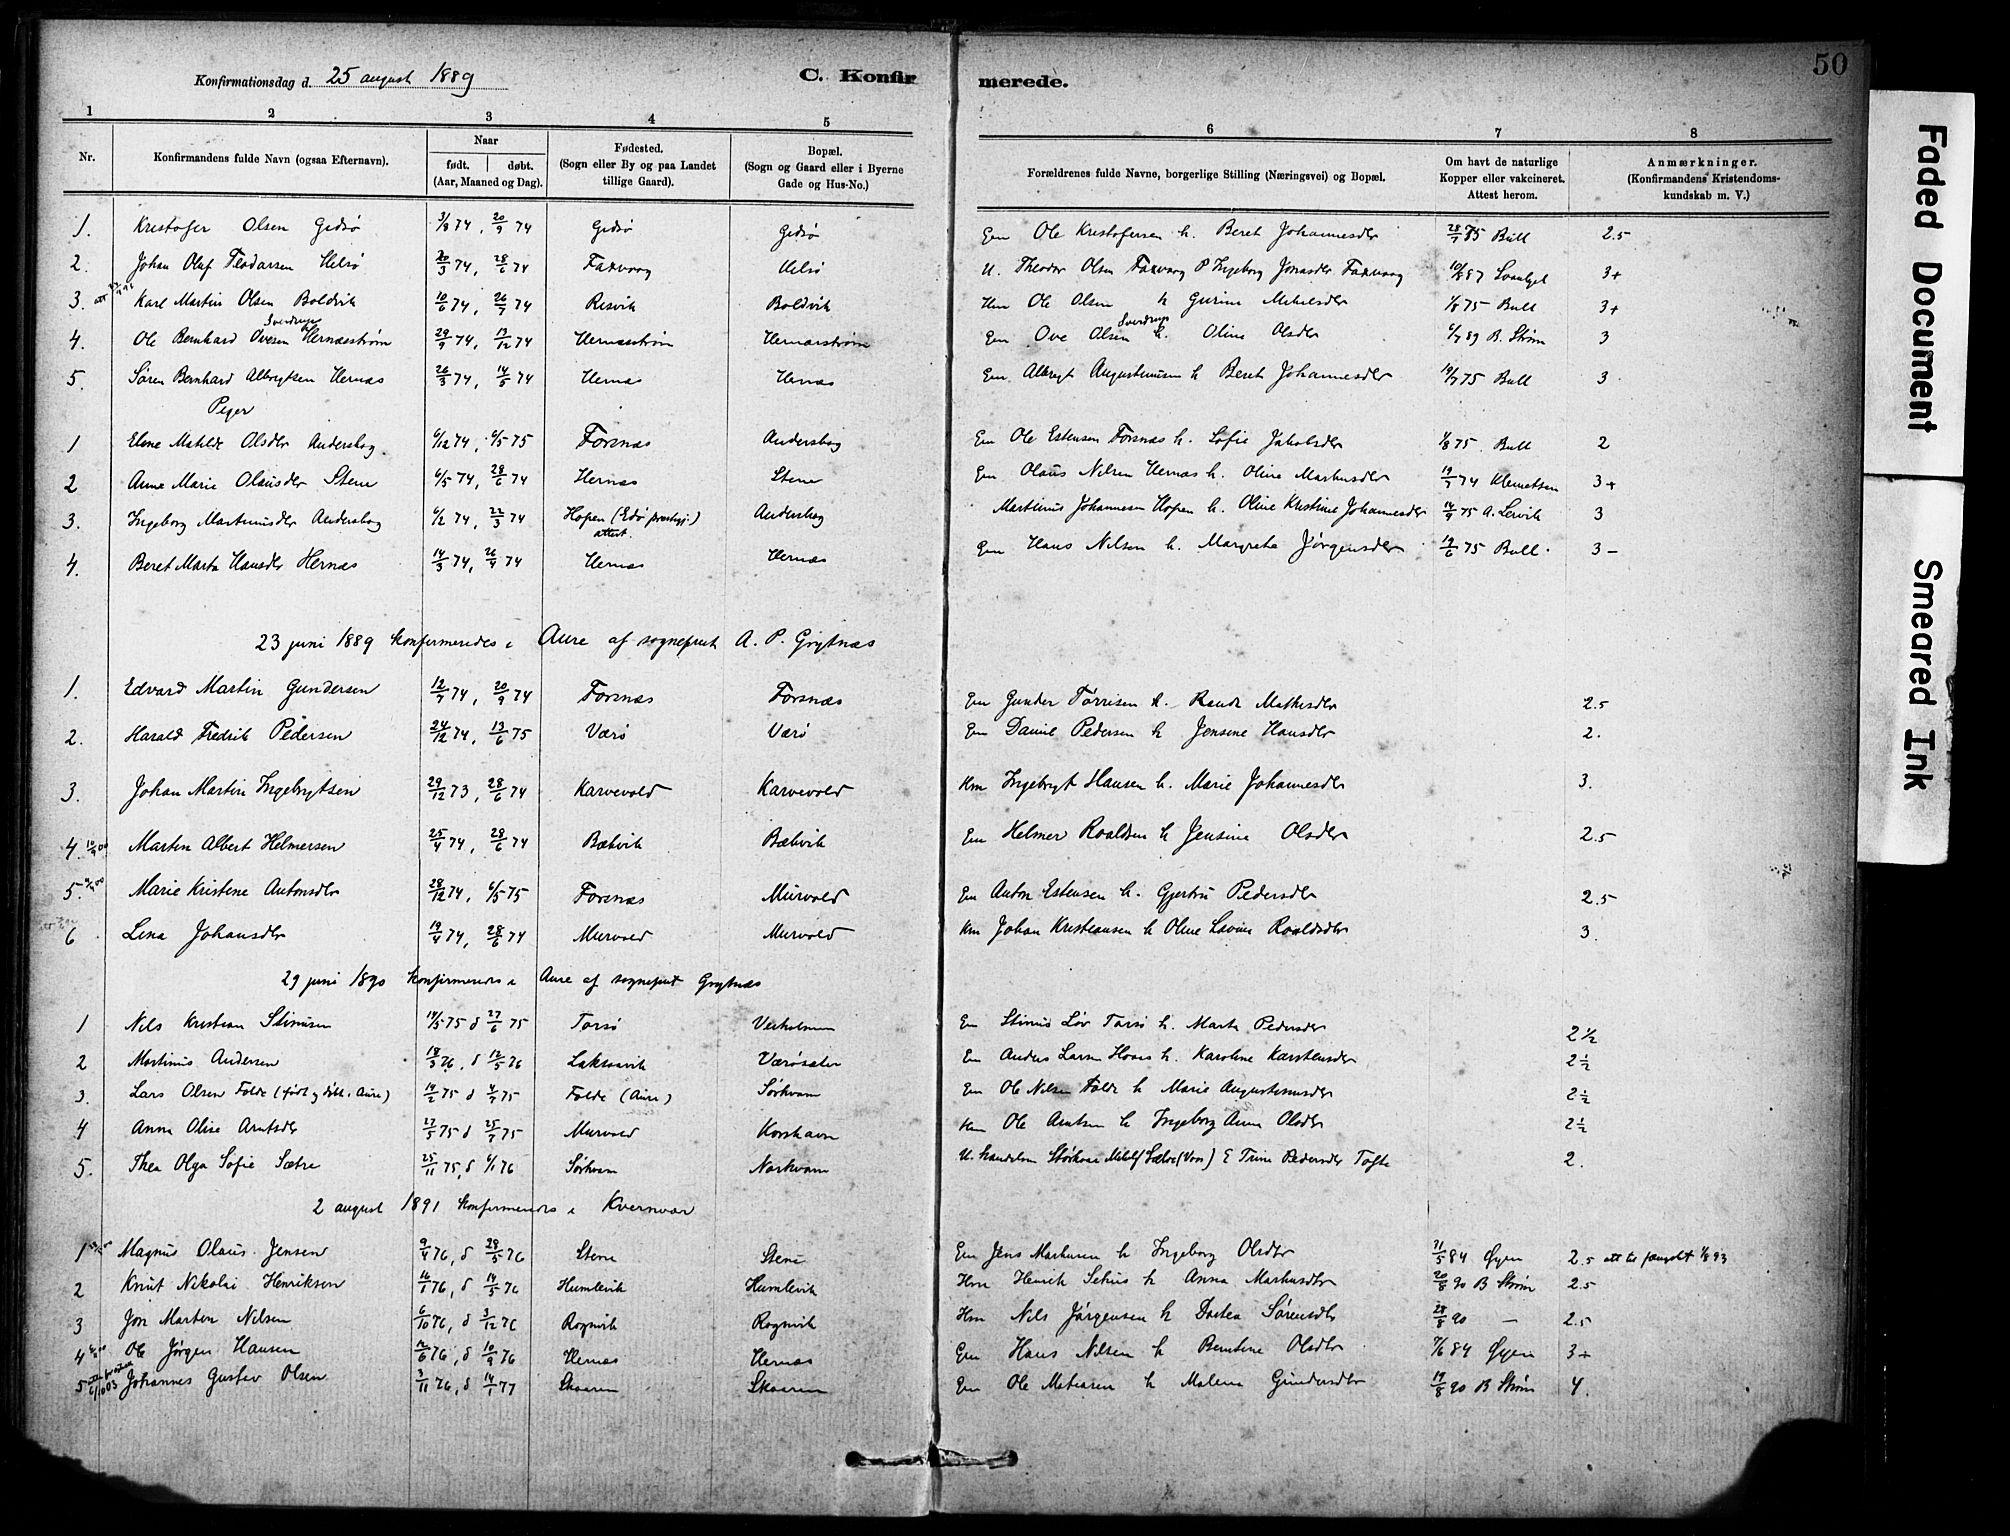 SAT, Ministerialprotokoller, klokkerbøker og fødselsregistre - Sør-Trøndelag, 635/L0551: Ministerialbok nr. 635A01, 1882-1899, s. 50